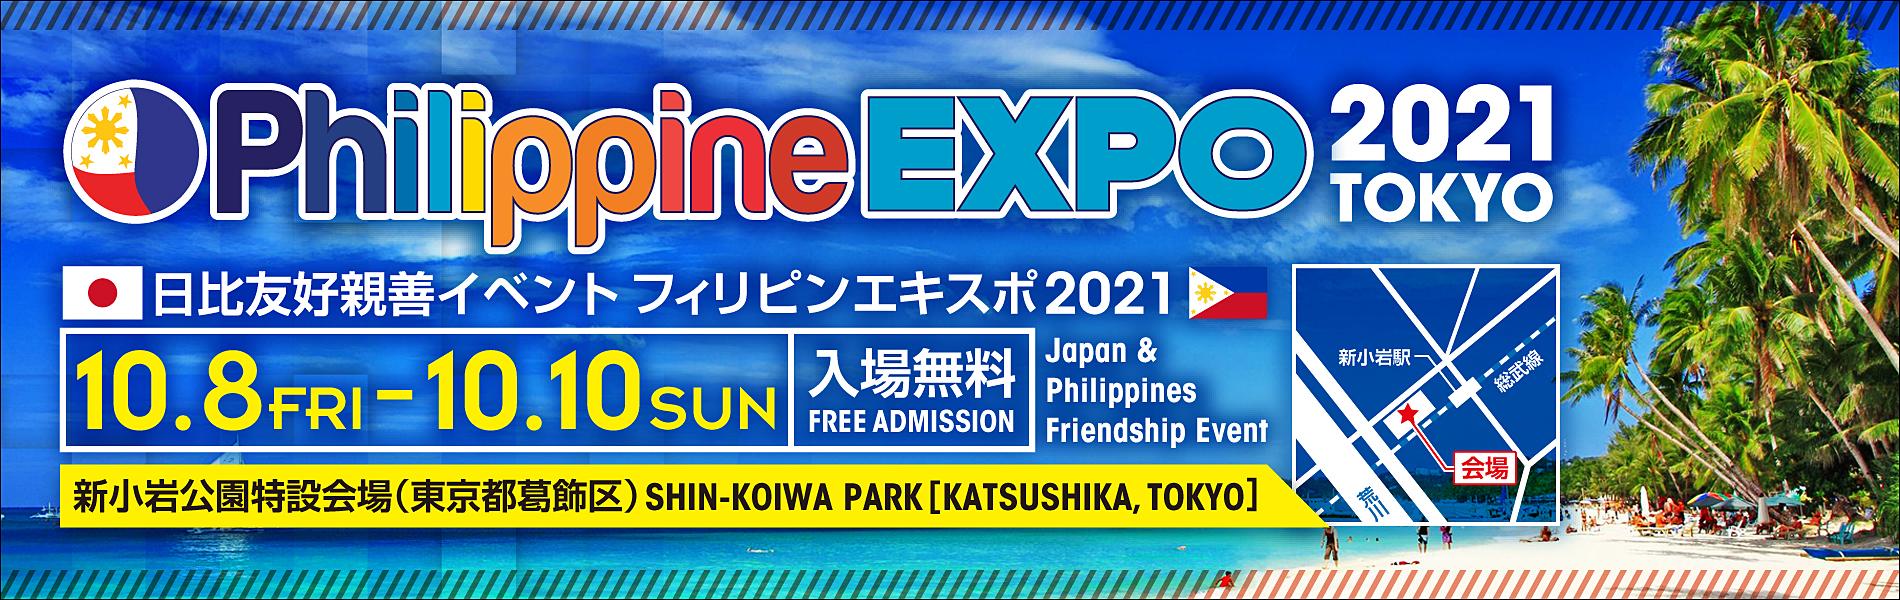 Philippine Expo 2021